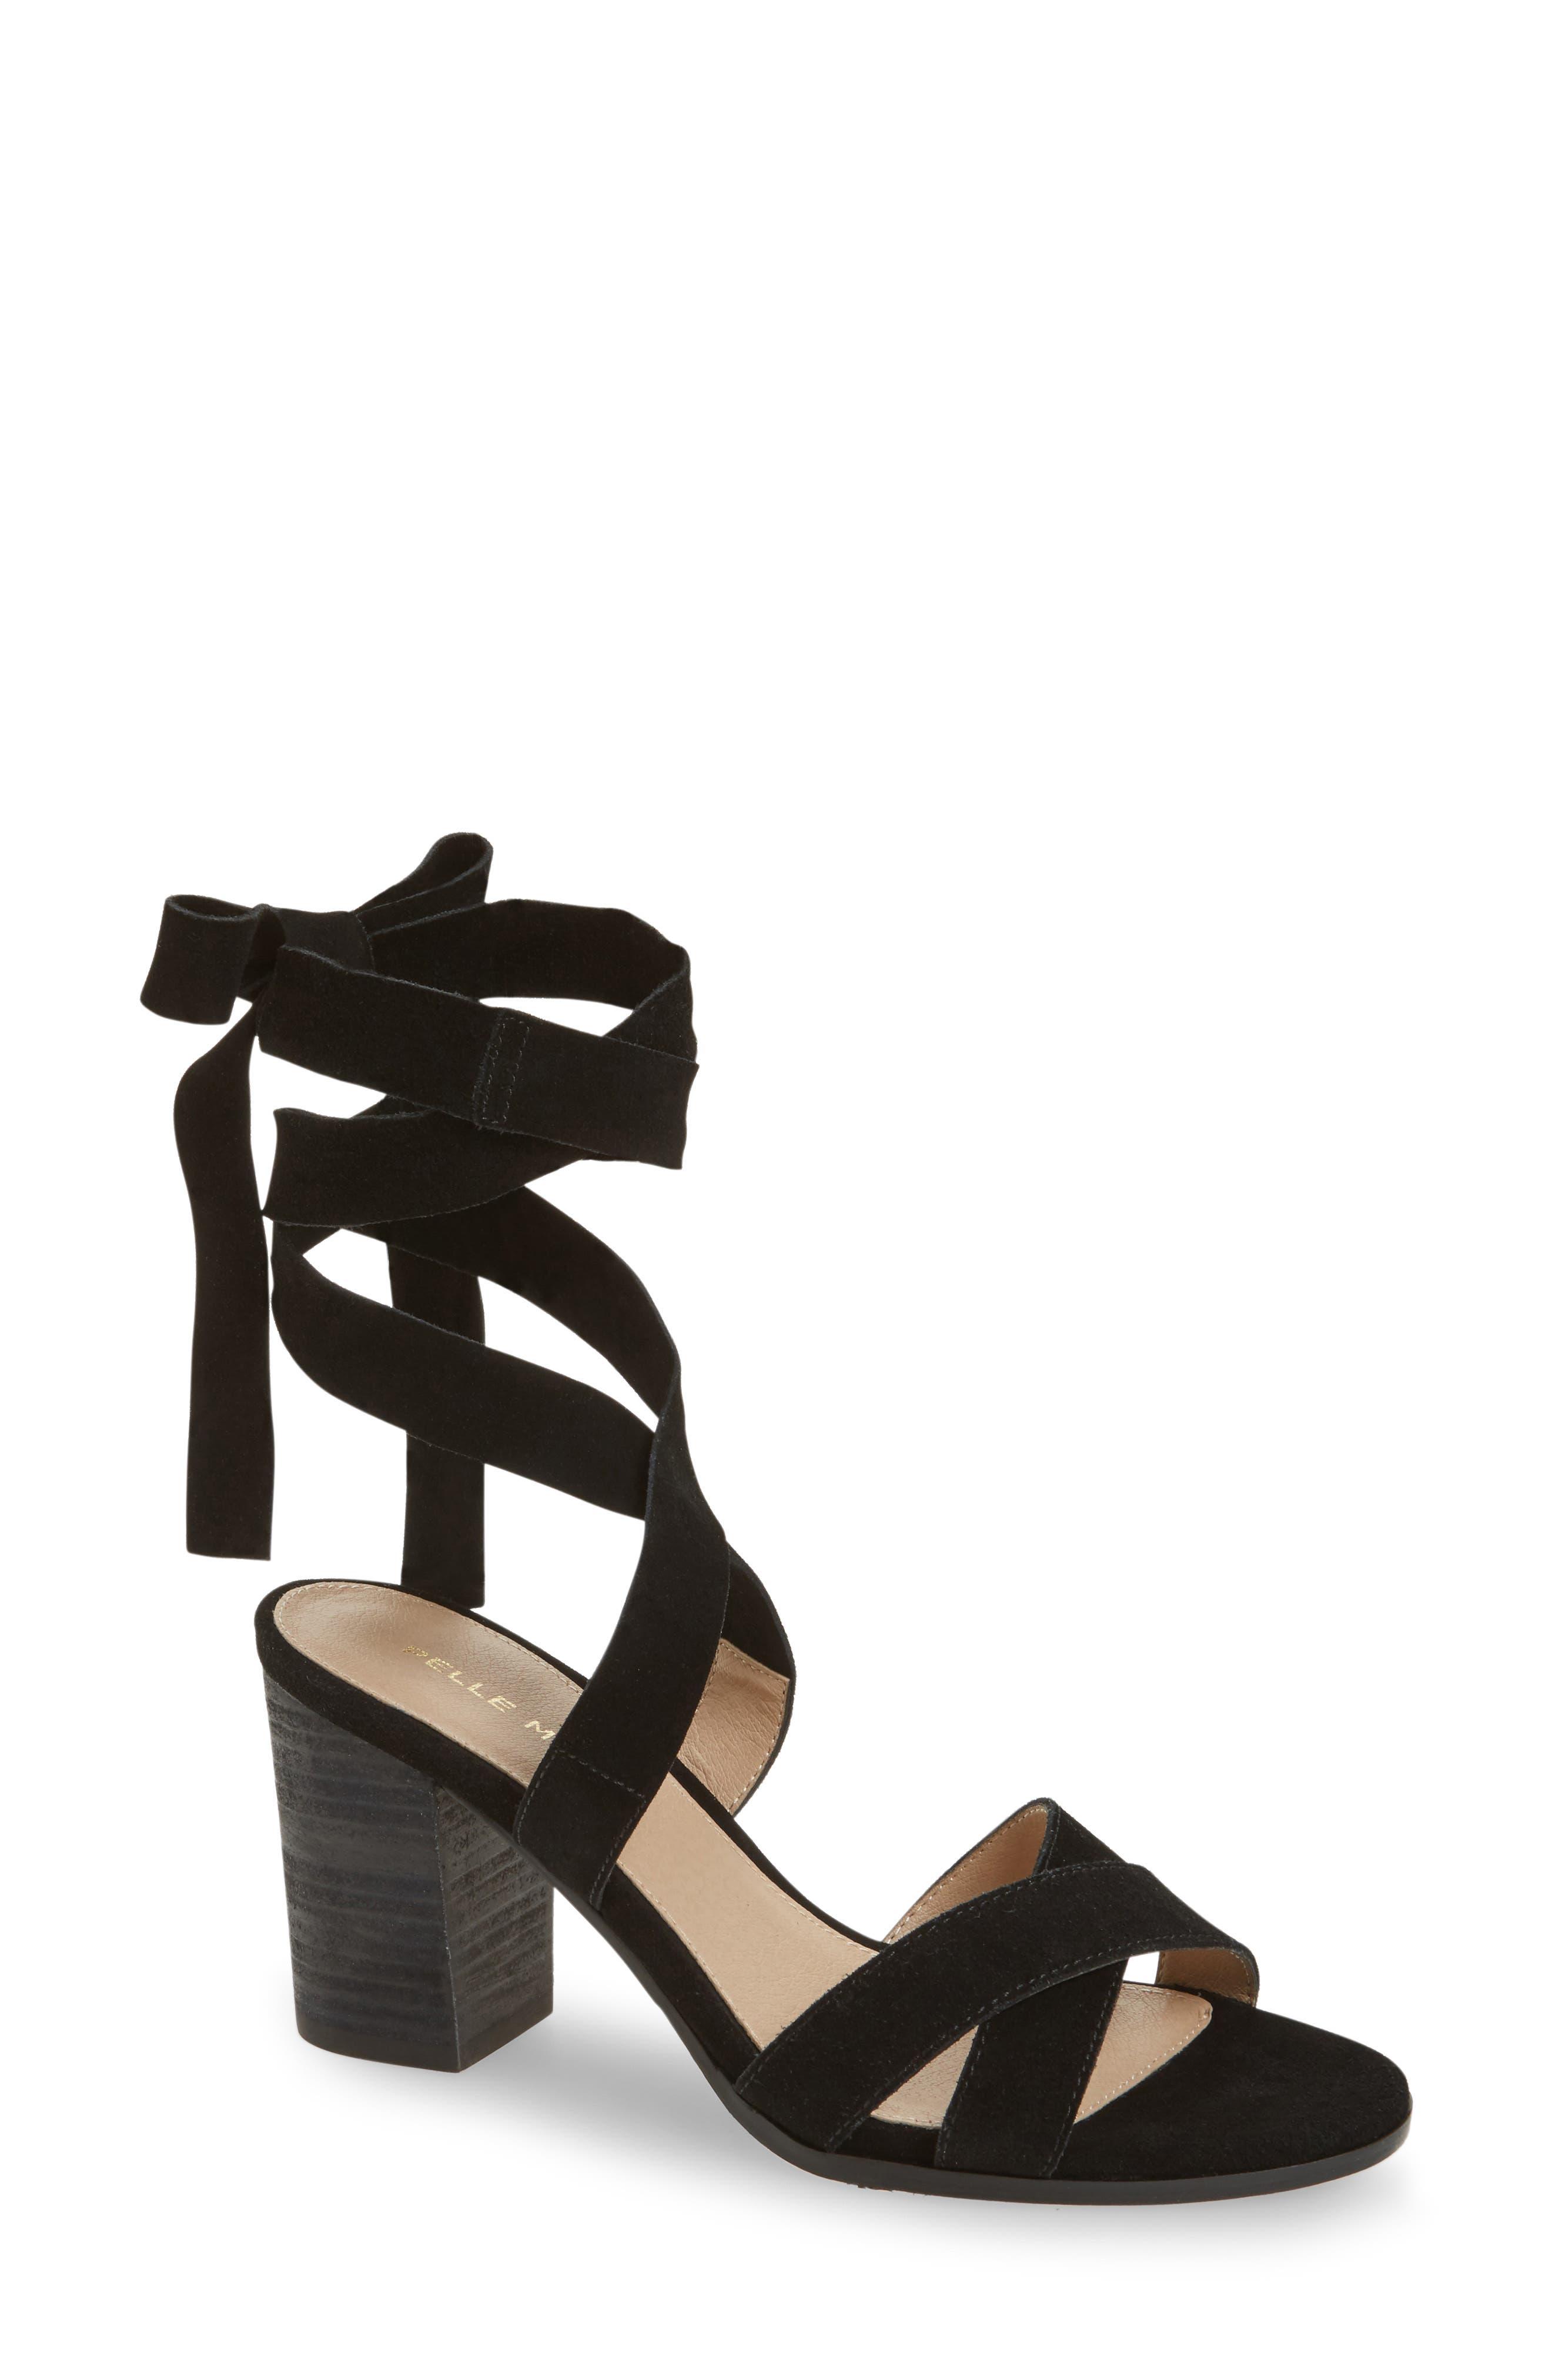 Main Image - Pelle Moda Bonjour Ankle Wrap Sandal (Women)